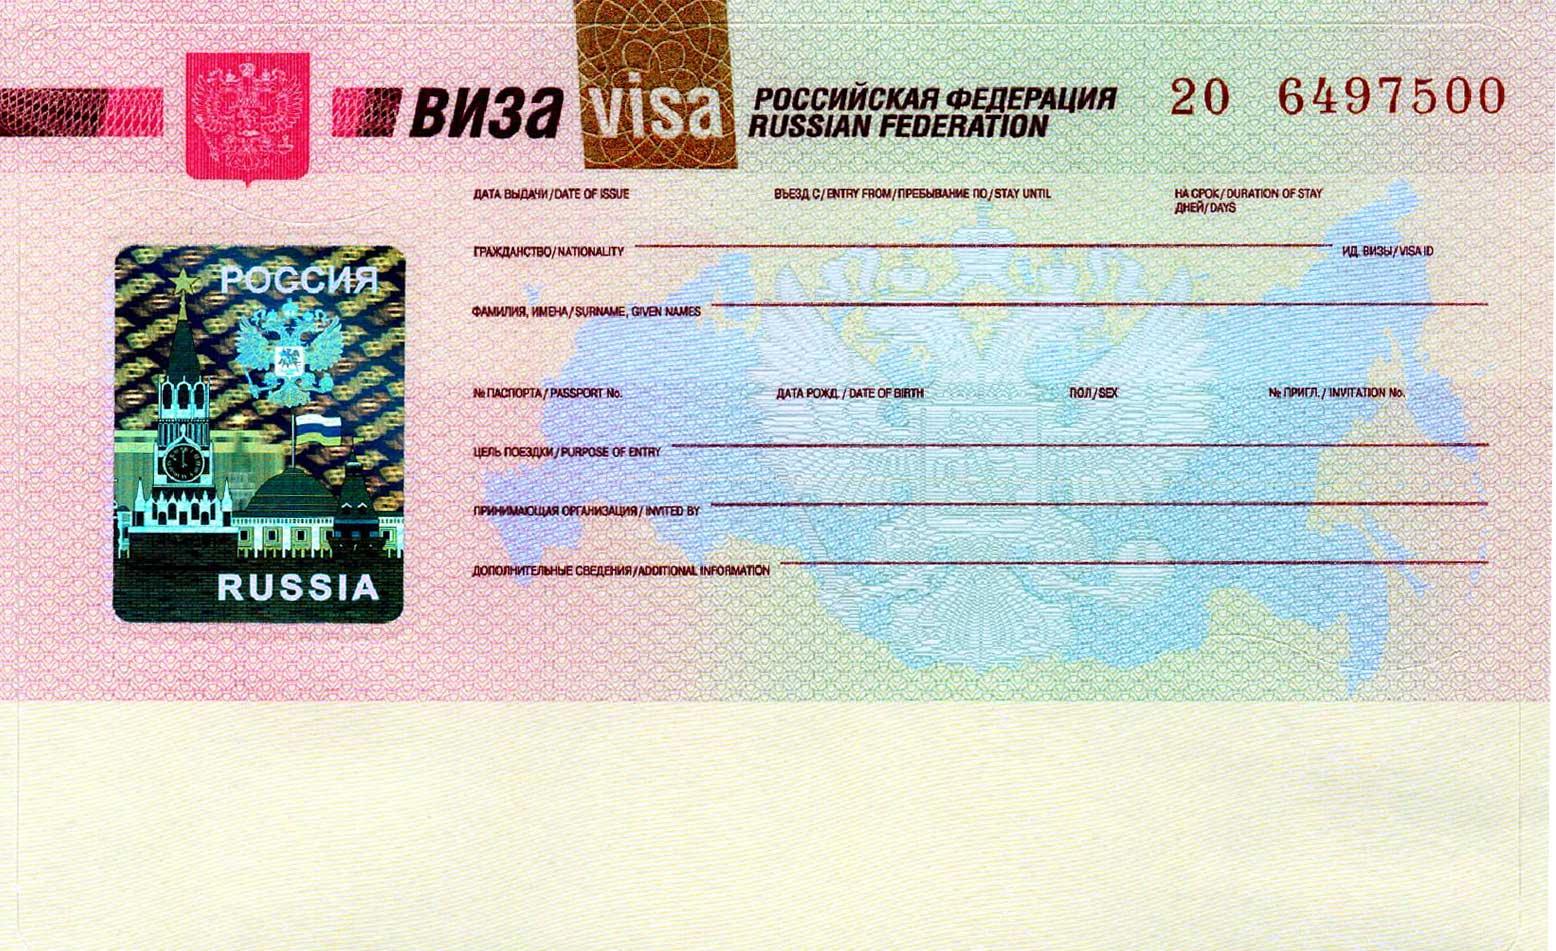 [SLK-TOUR] Получить визу в финляндию в спб,